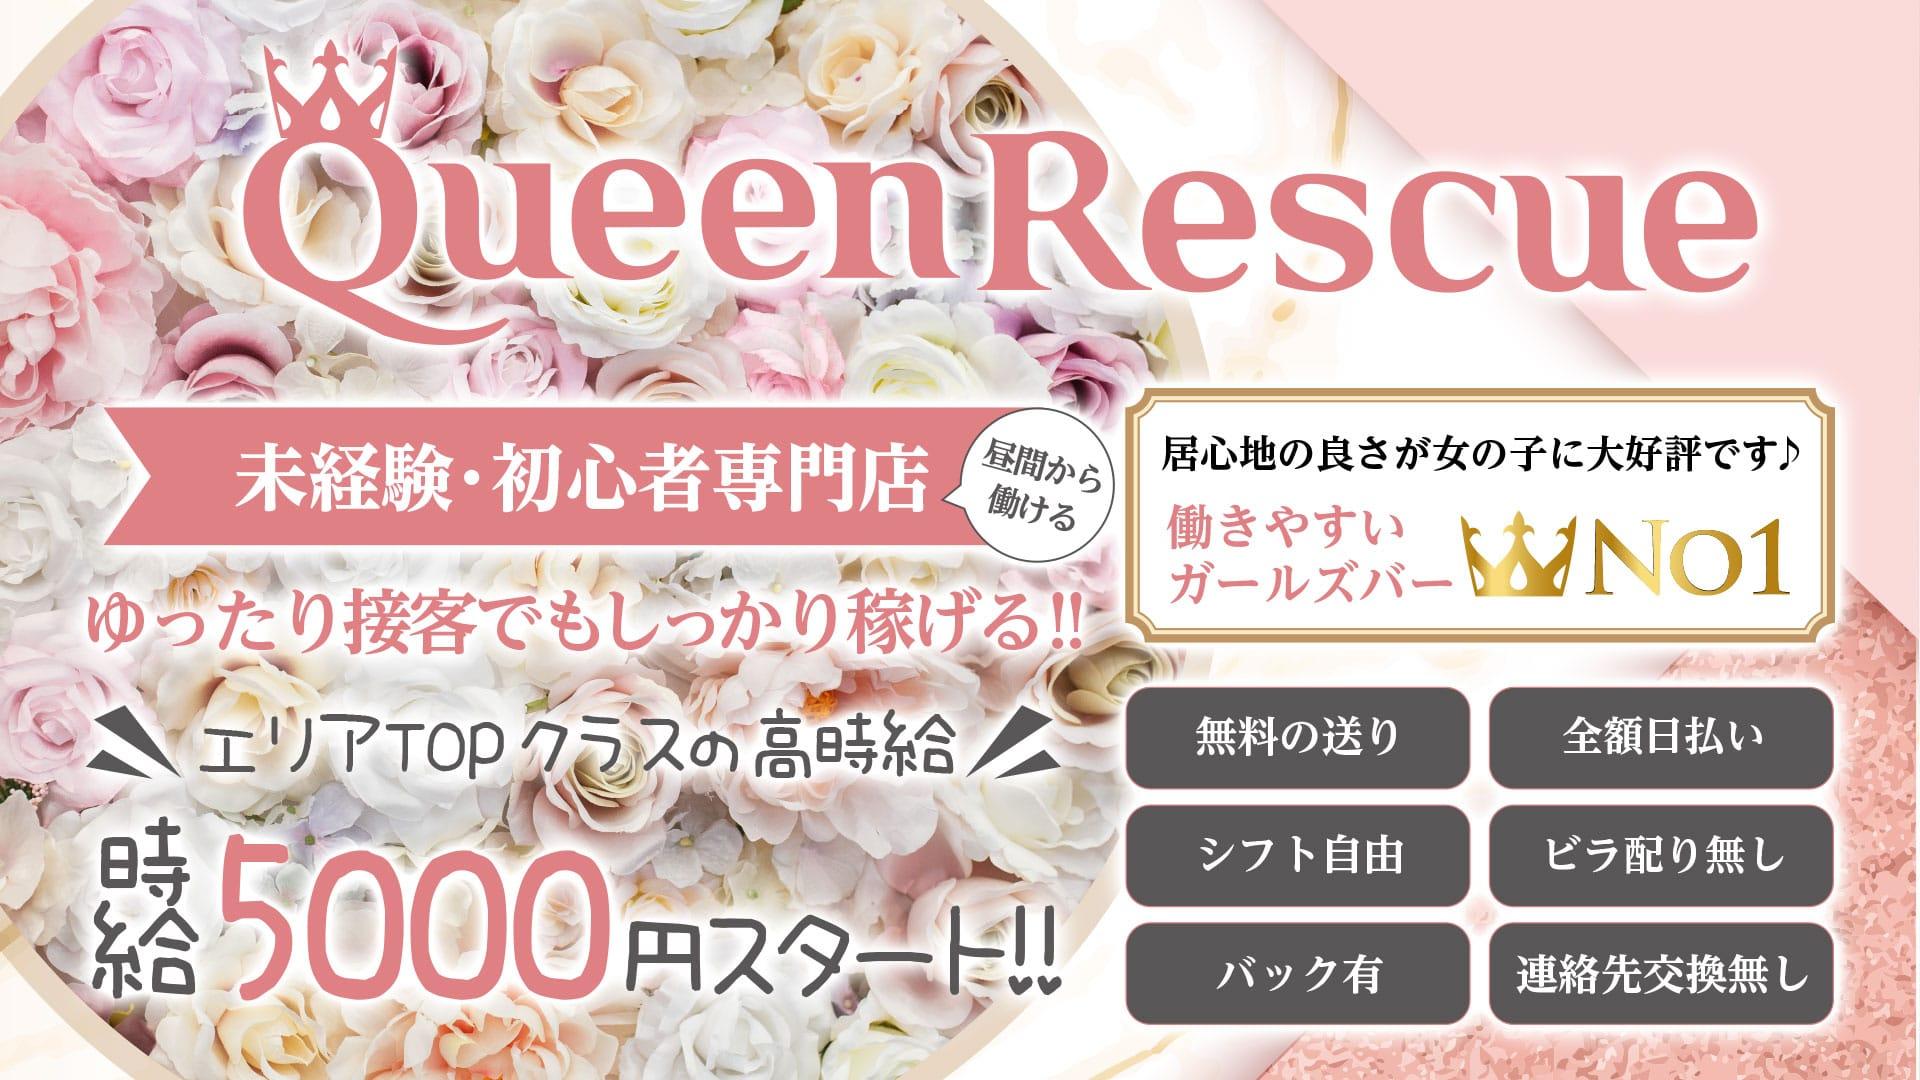 昼&夜ガールズバー QUEEN RESCUE(クイーンレスキュー) 赤羽ガールズバー TOP画像